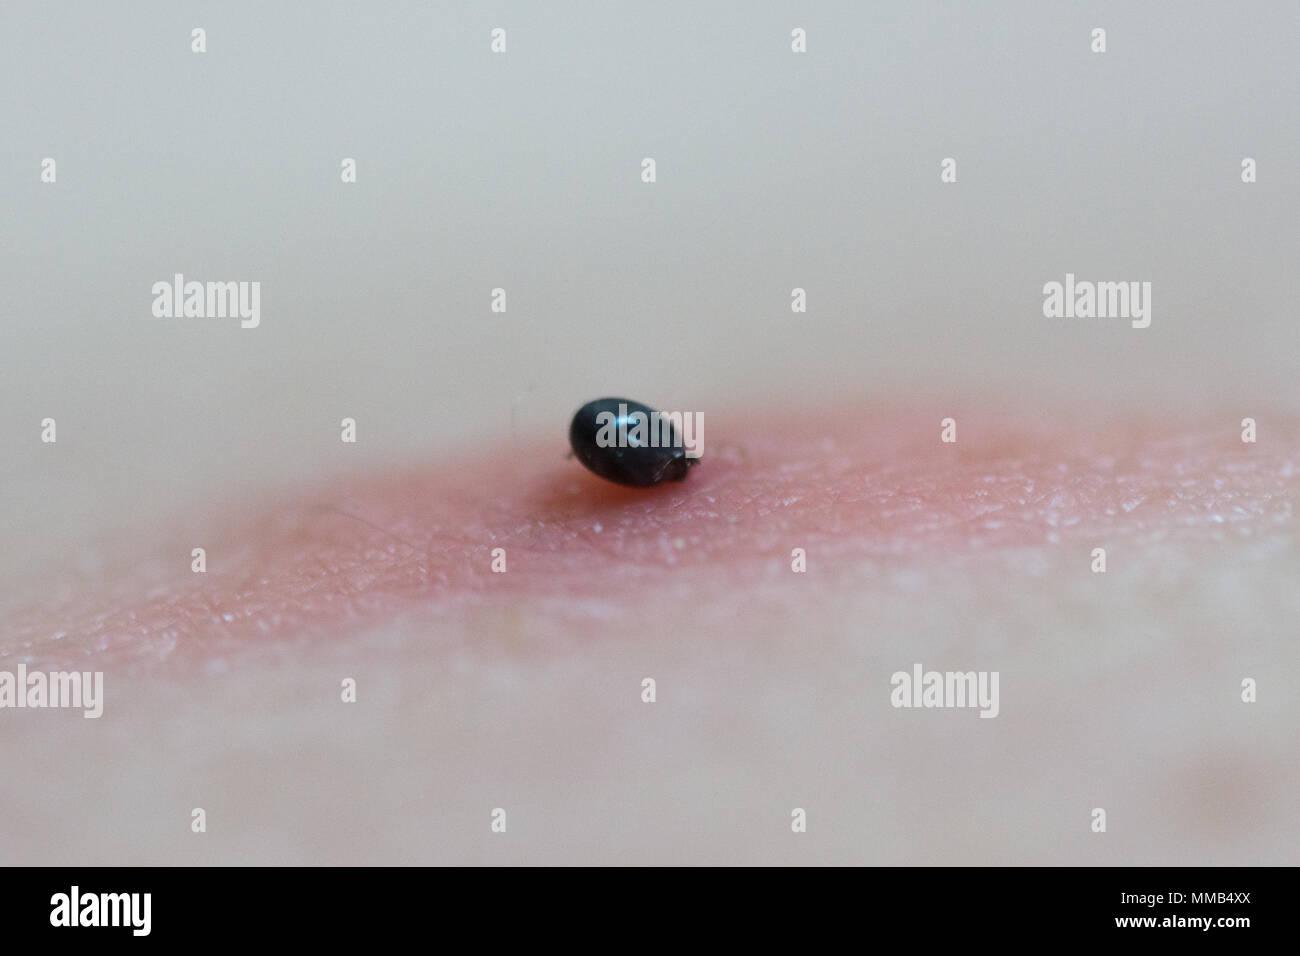 Un segno di spunta parassita sulla pelle umana con arrossate area infiammata Immagini Stock